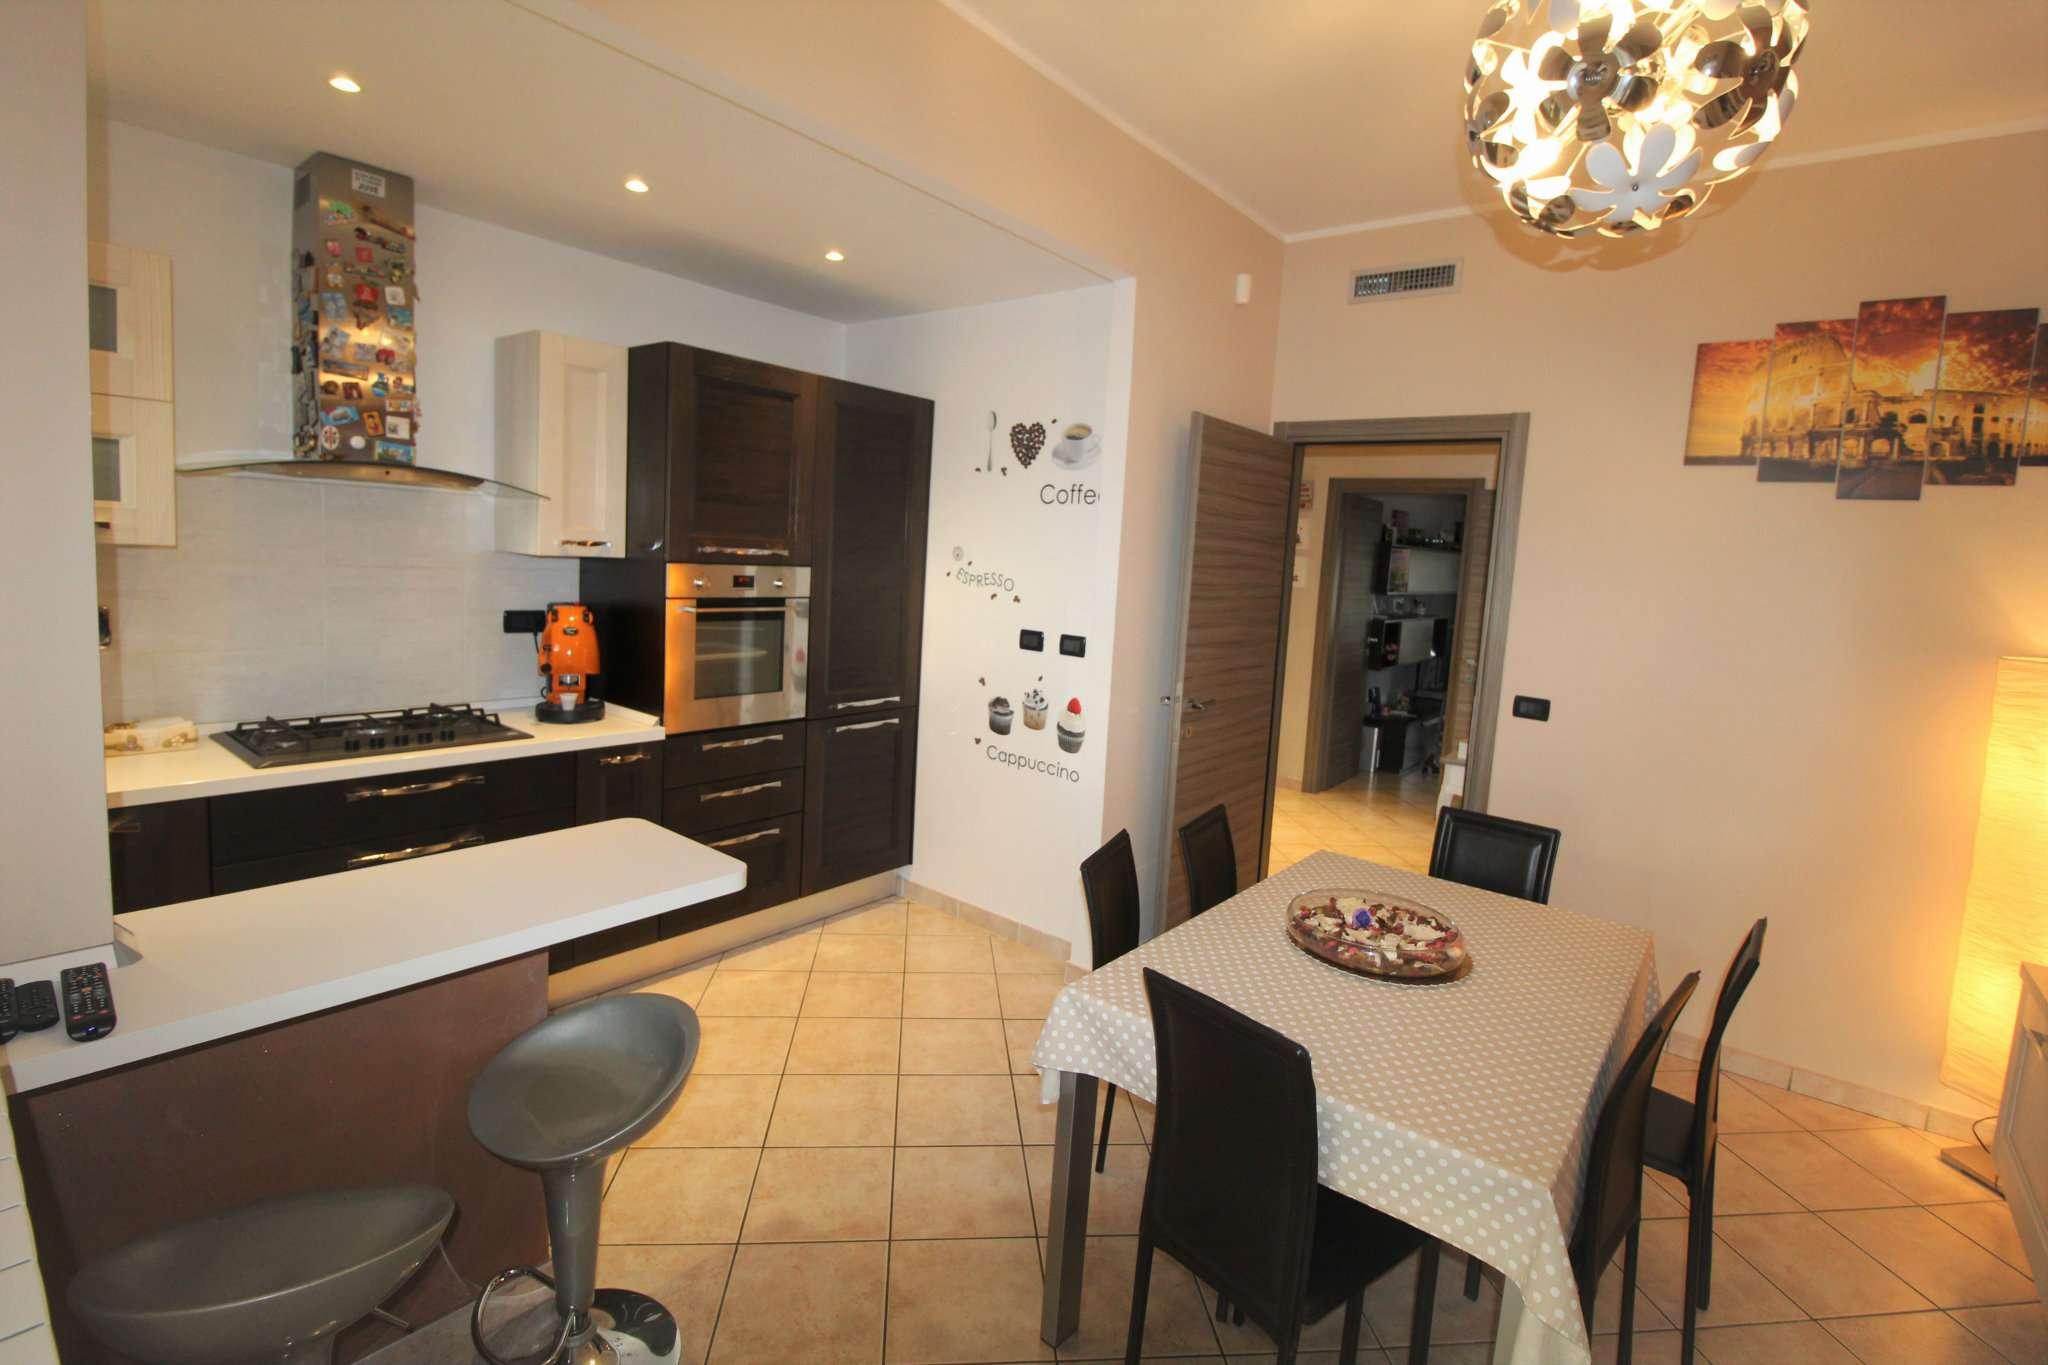 Appartamento in vendita a Airasca, 3 locali, prezzo € 129.000 | CambioCasa.it